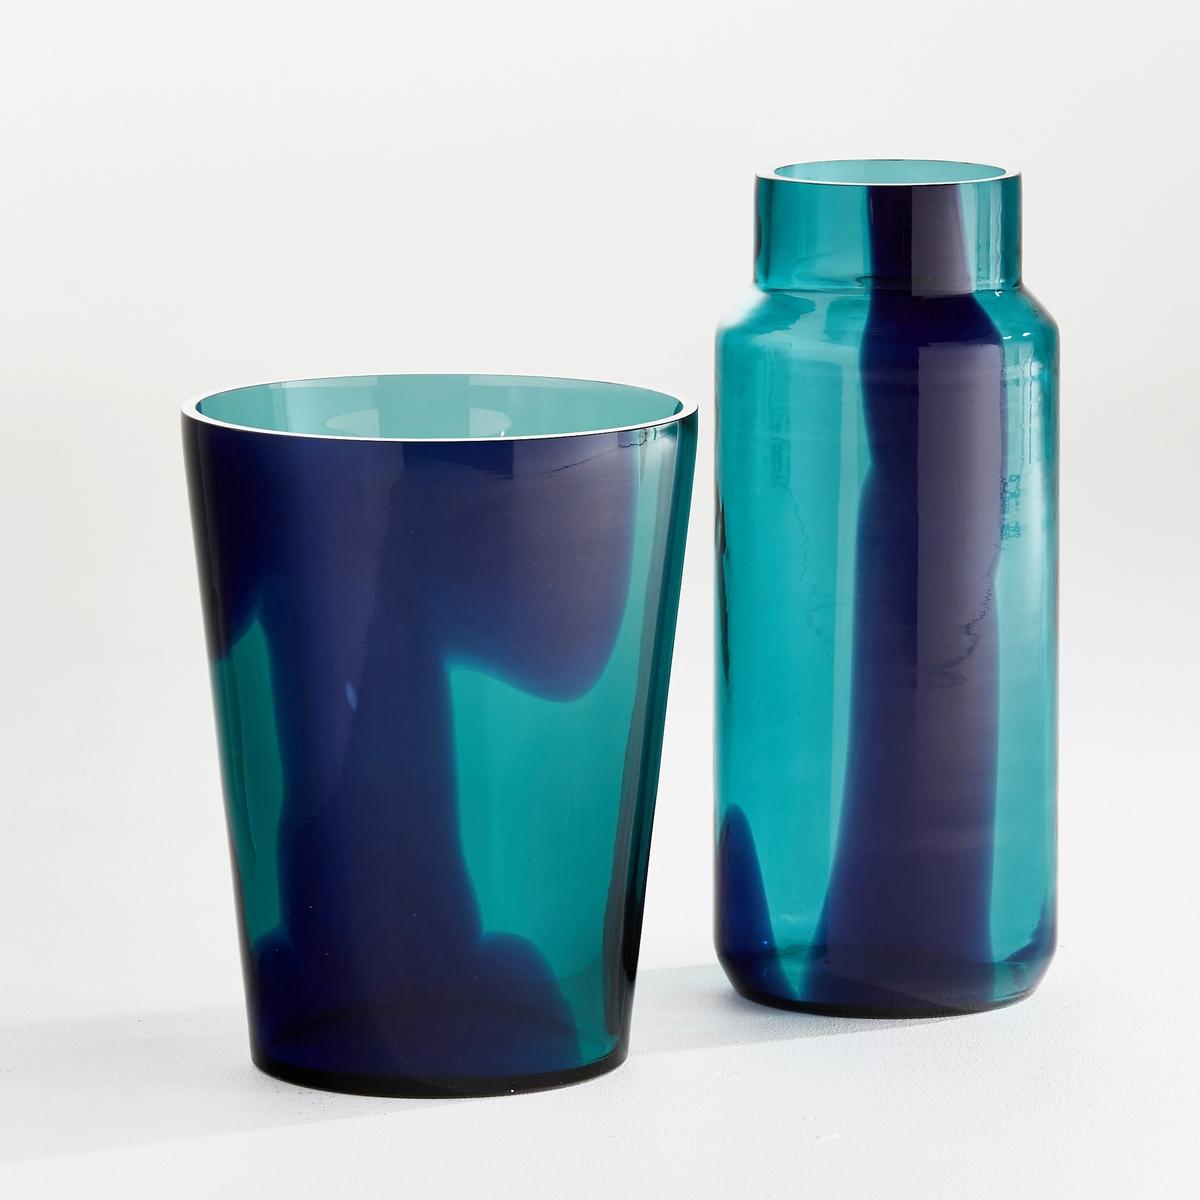 Ваза, OdomarВаза Odomar. Очень красивый эффект капель краски, растворяющихся в бирюзовой воде... Из стекла. Размеры. : Диаметр 20 x Высота 26 см.<br><br>Цвет: зеленый/ синий,янтарь